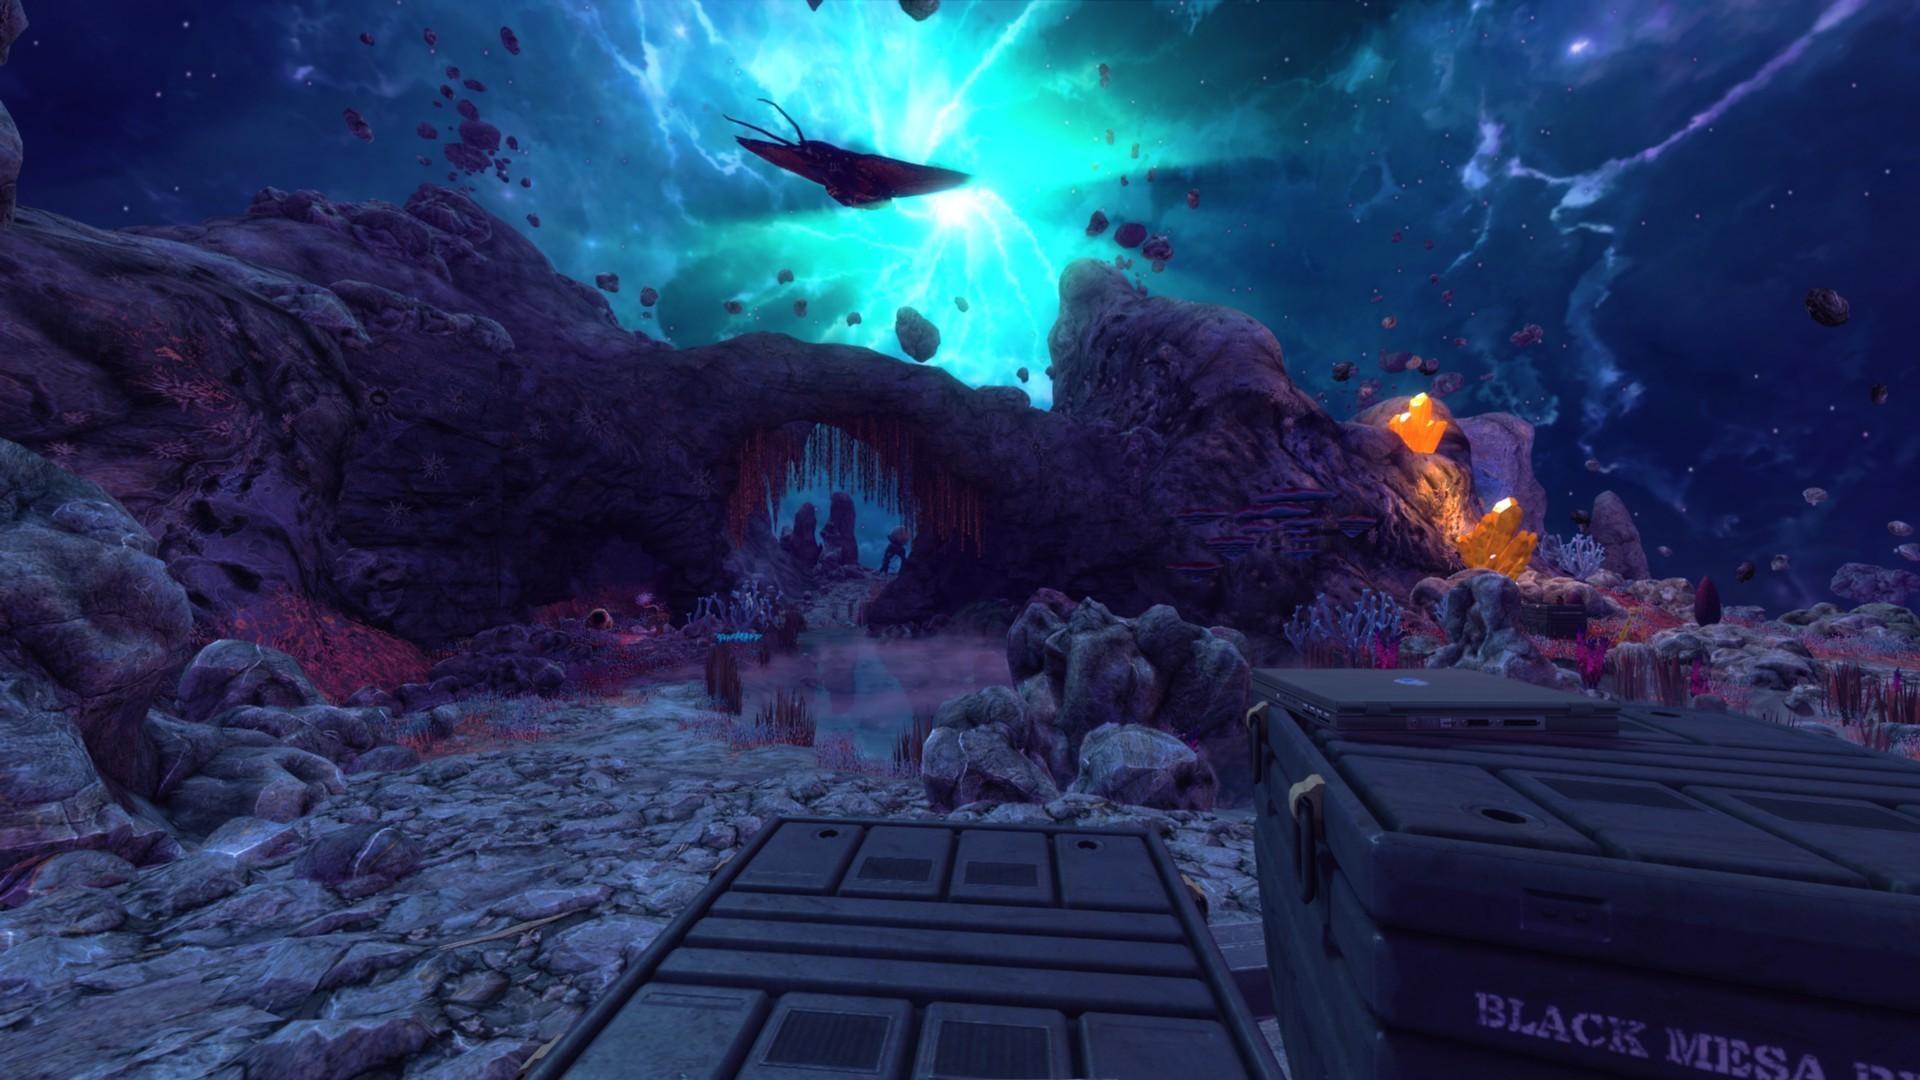 Nov 23, 2018 Play Half-Life 2's spooky Ravenholm in Half-Life